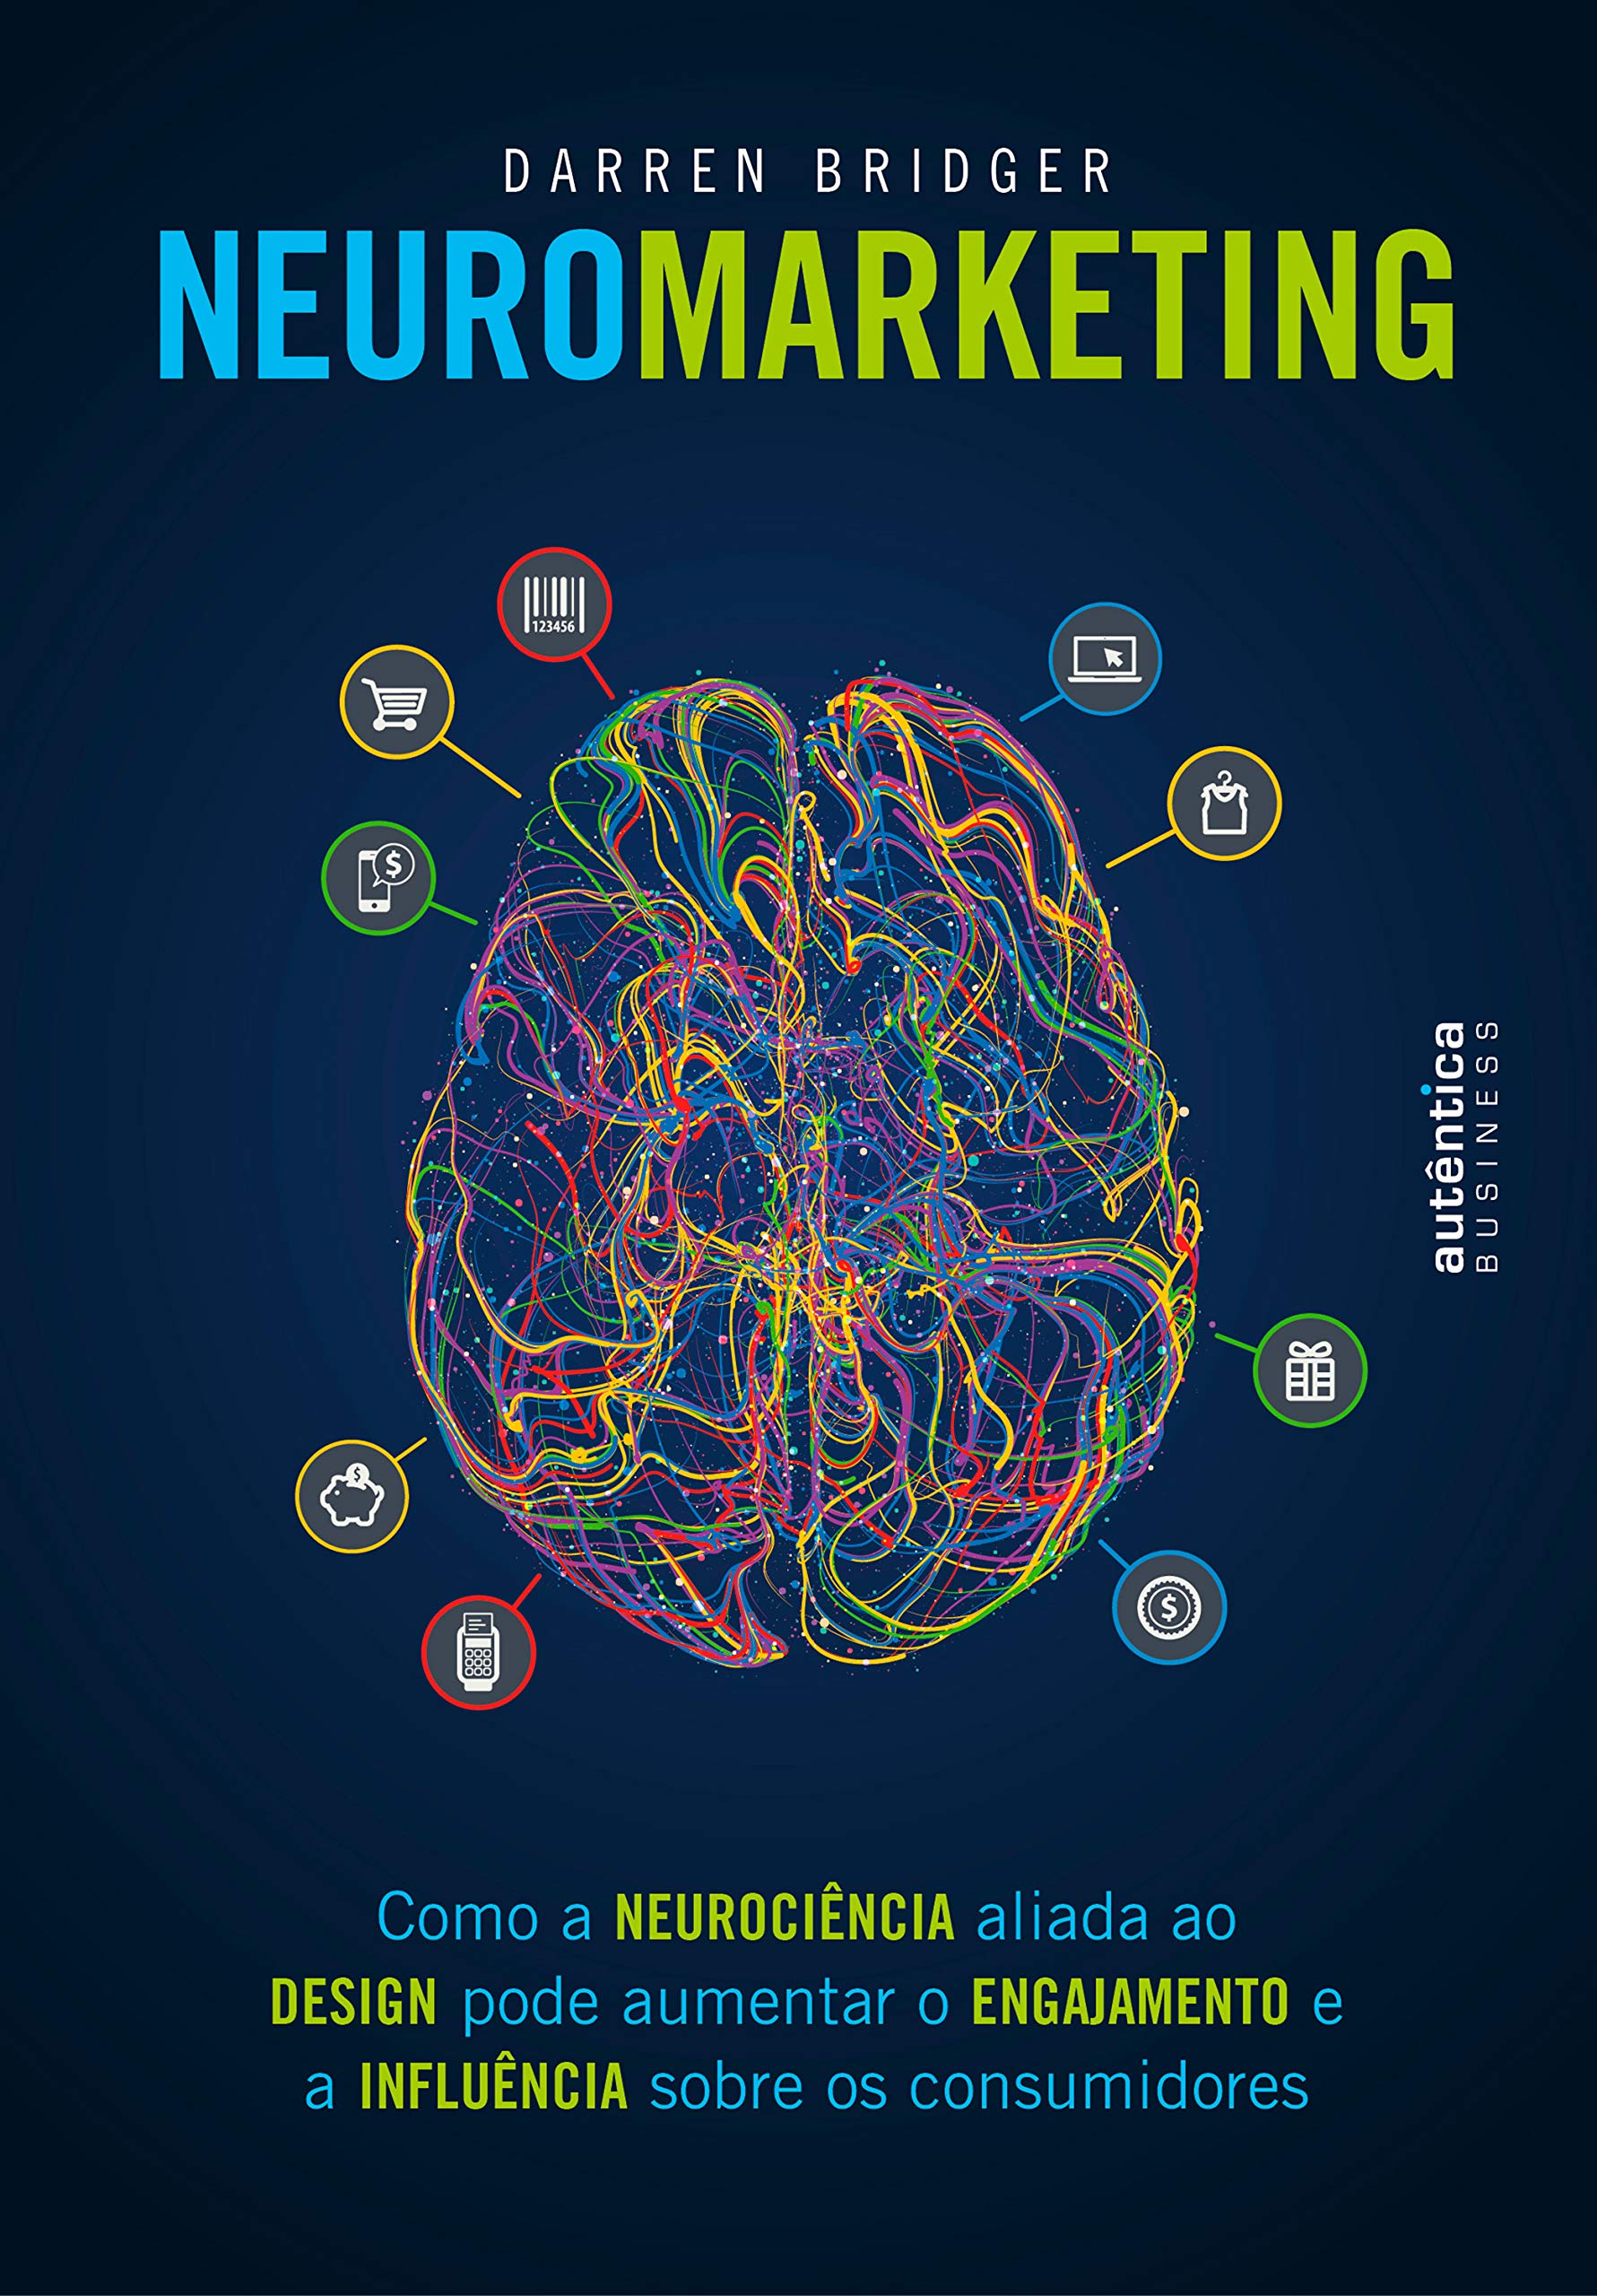 Neuromarketing: Como a neurociência aliada ao design pode aumentar o engajamento e a influência sobre os consumidores (Portuguese Edition)